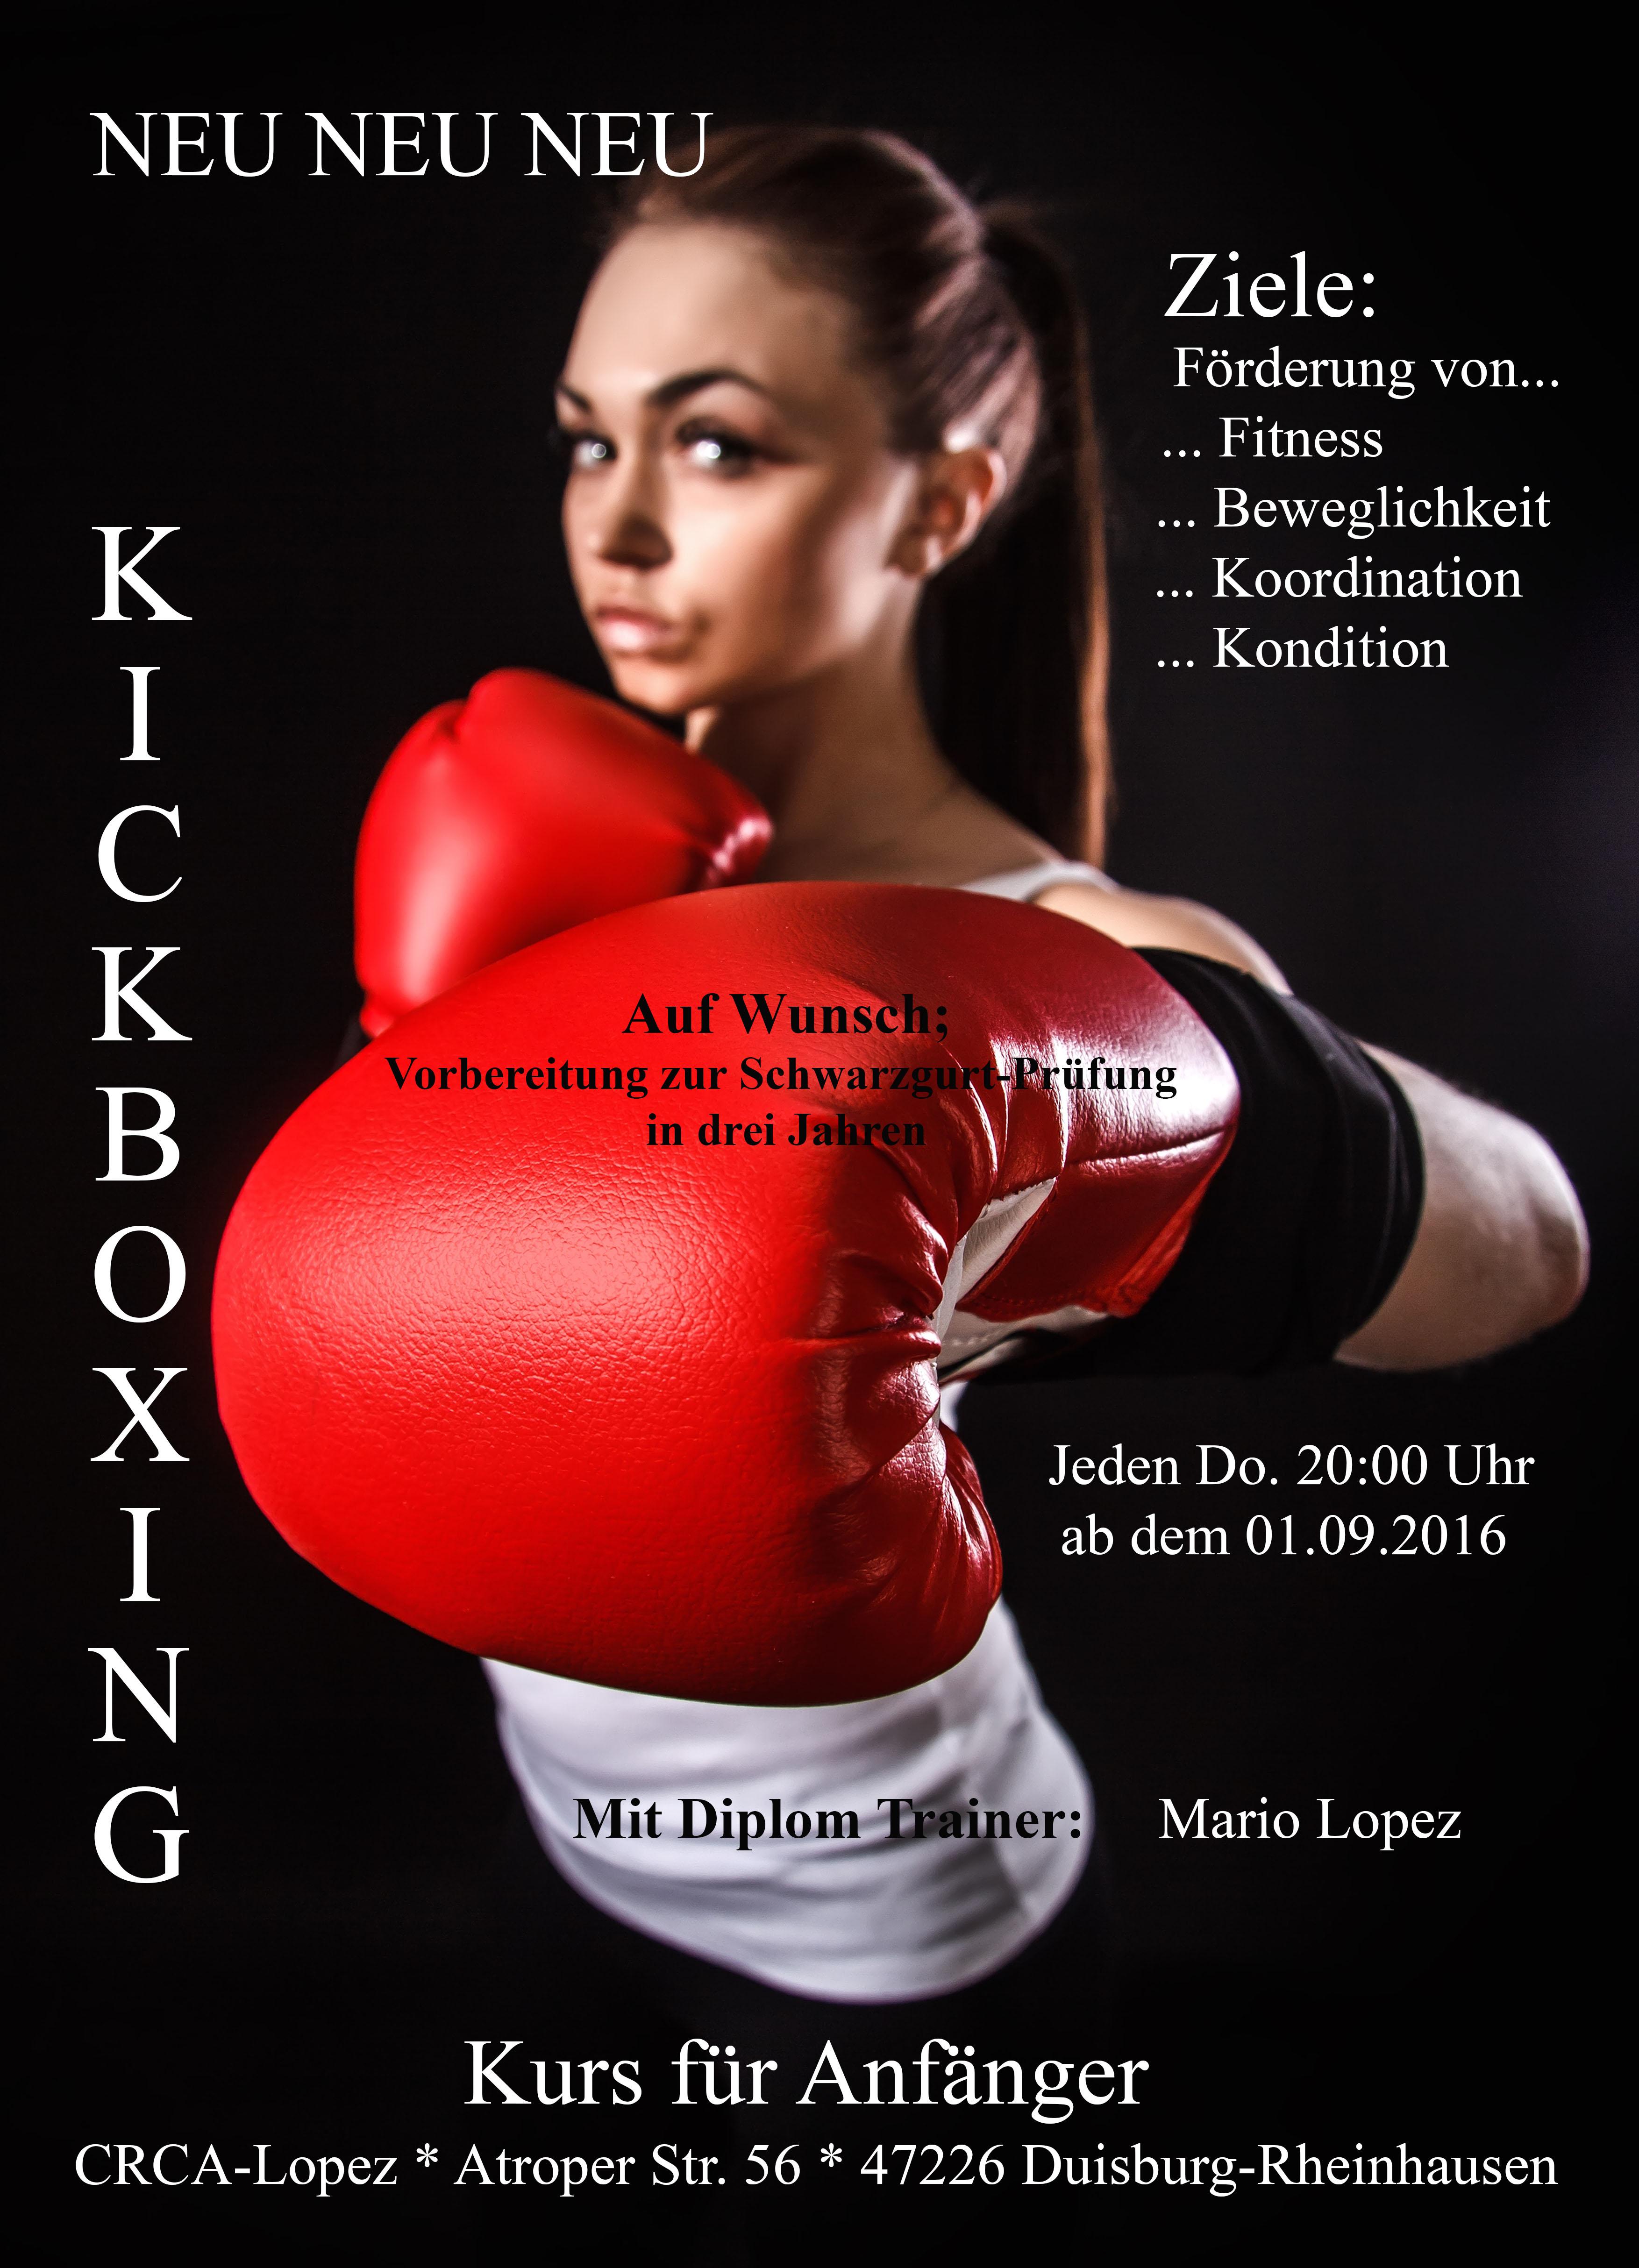 Neuer Kickboxen Kurs